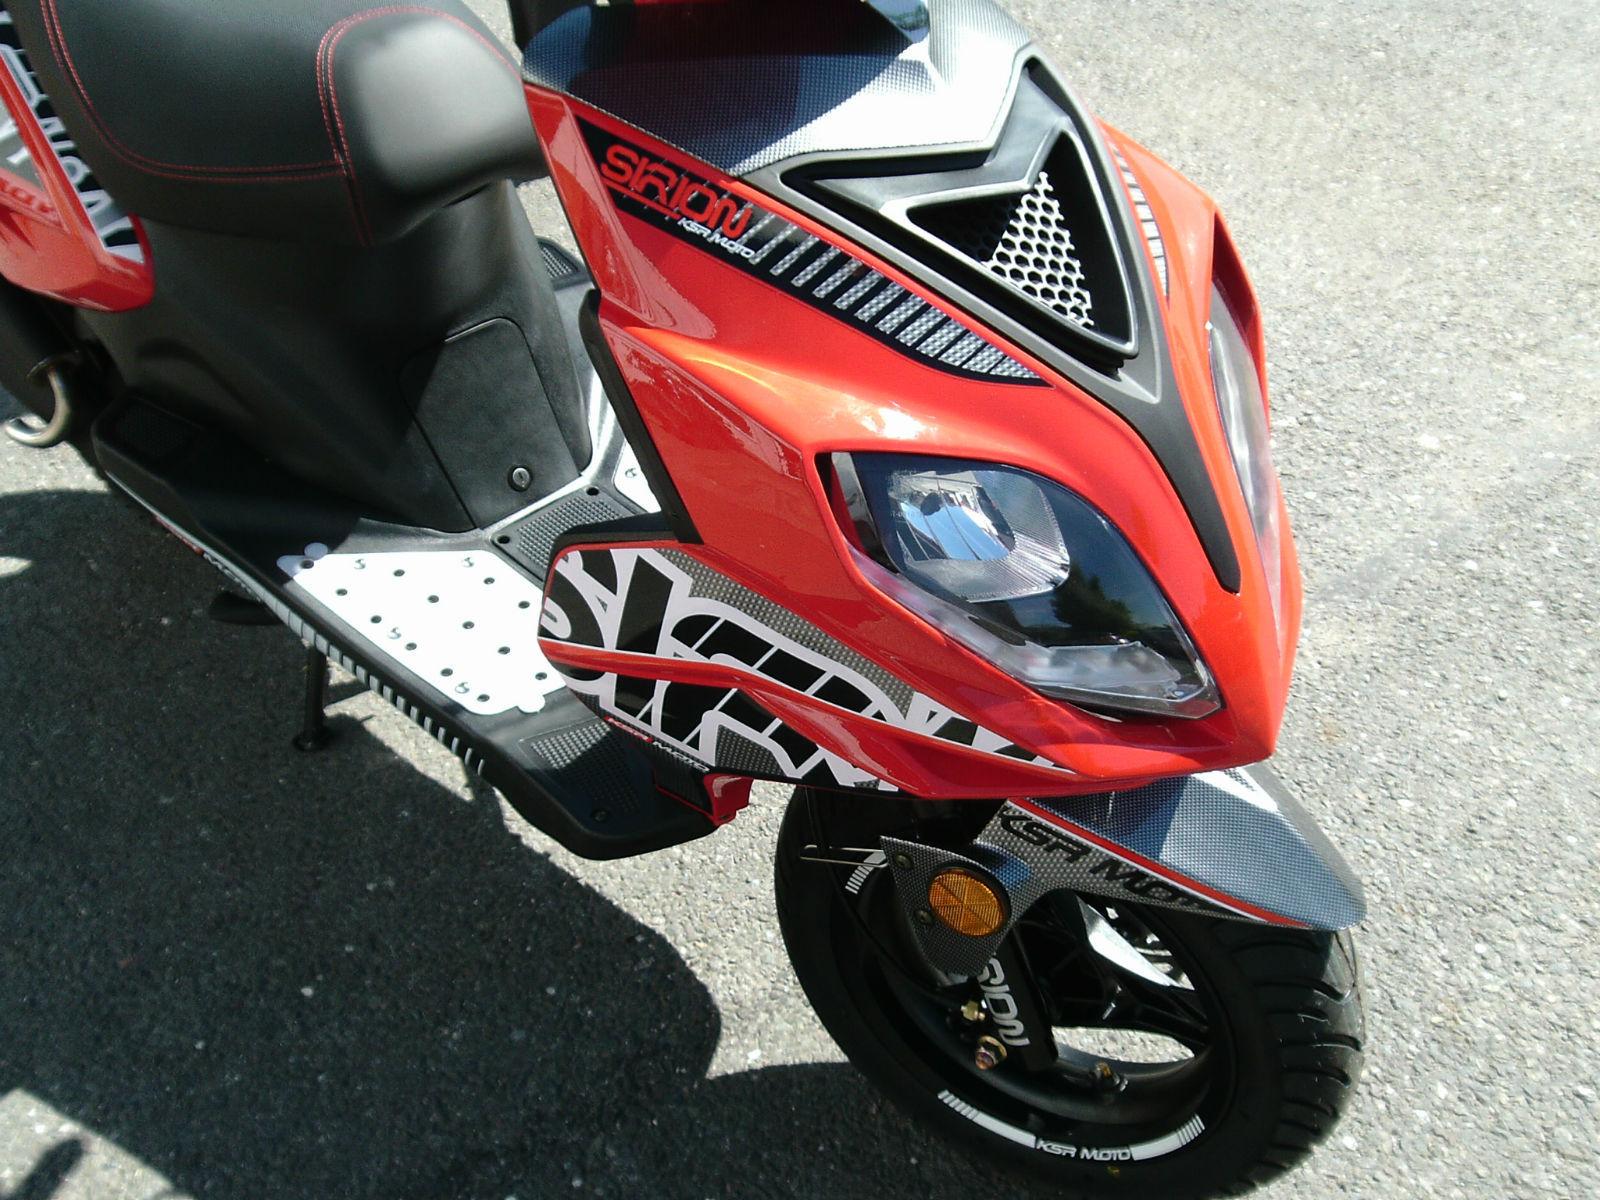 ksr moto sirion 50 scooter. Black Bedroom Furniture Sets. Home Design Ideas